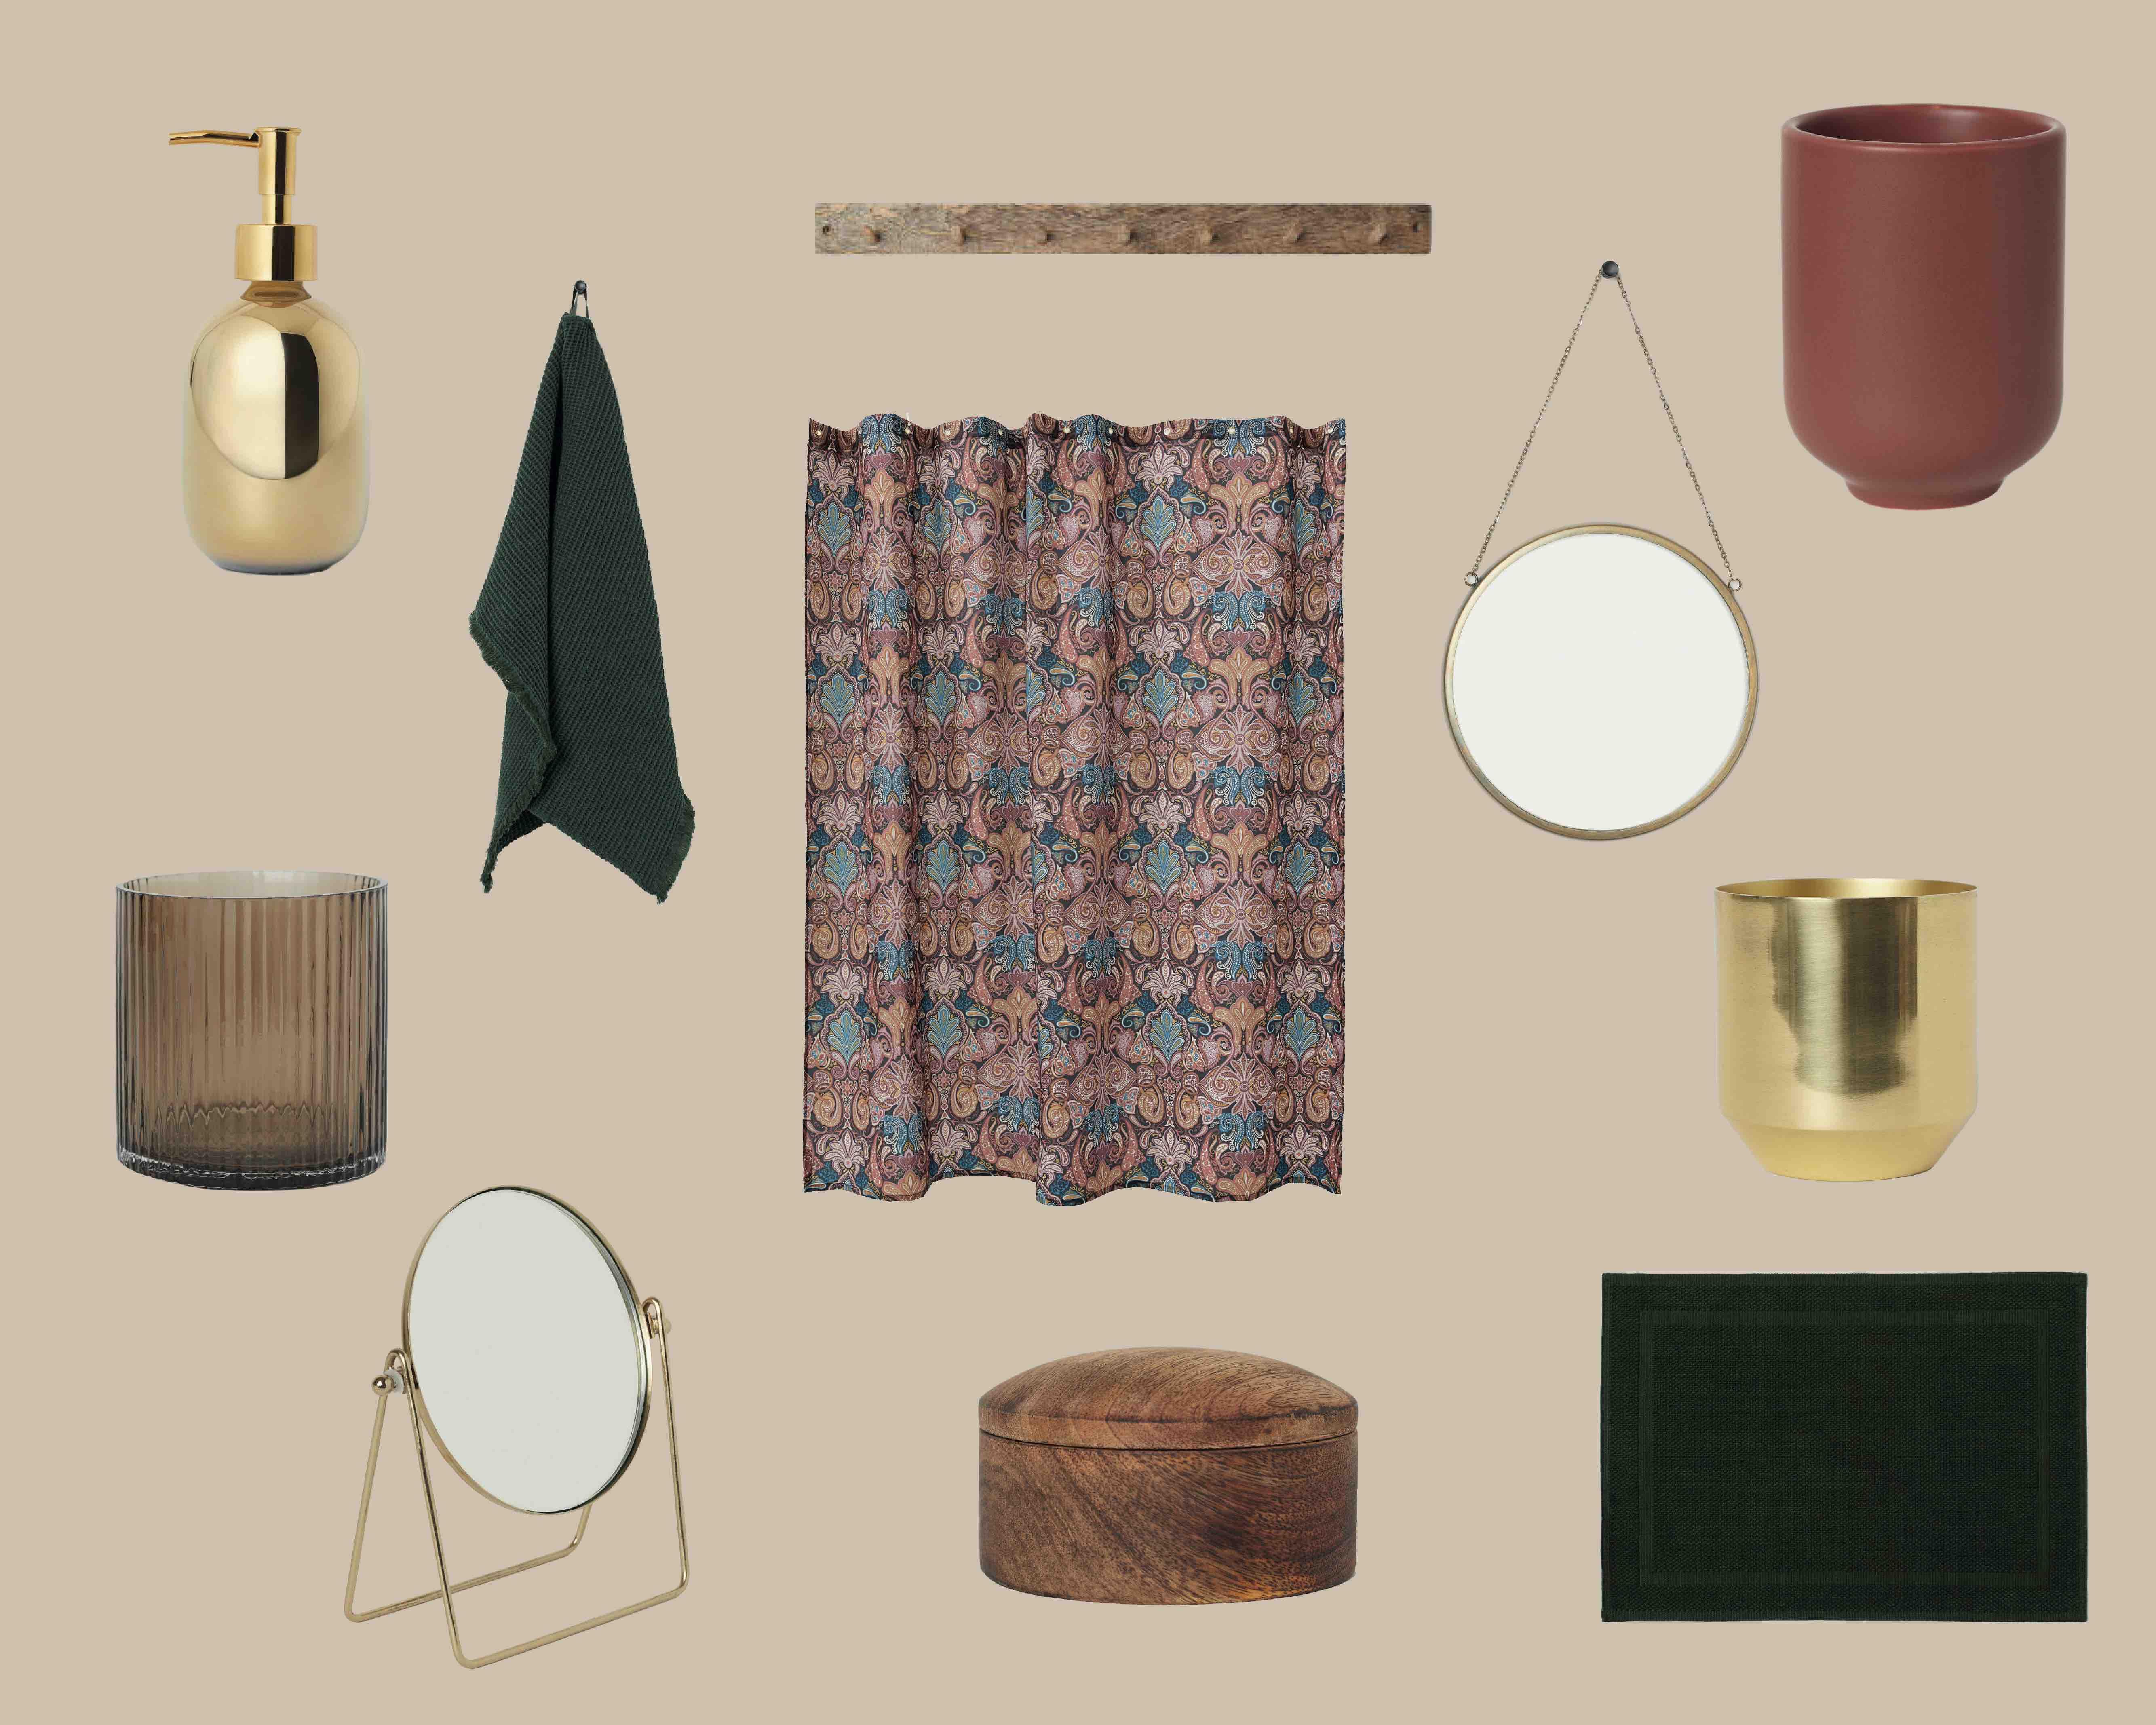 H&M, badeværelse, tilbehør, indretning, bolig, makeover, collage